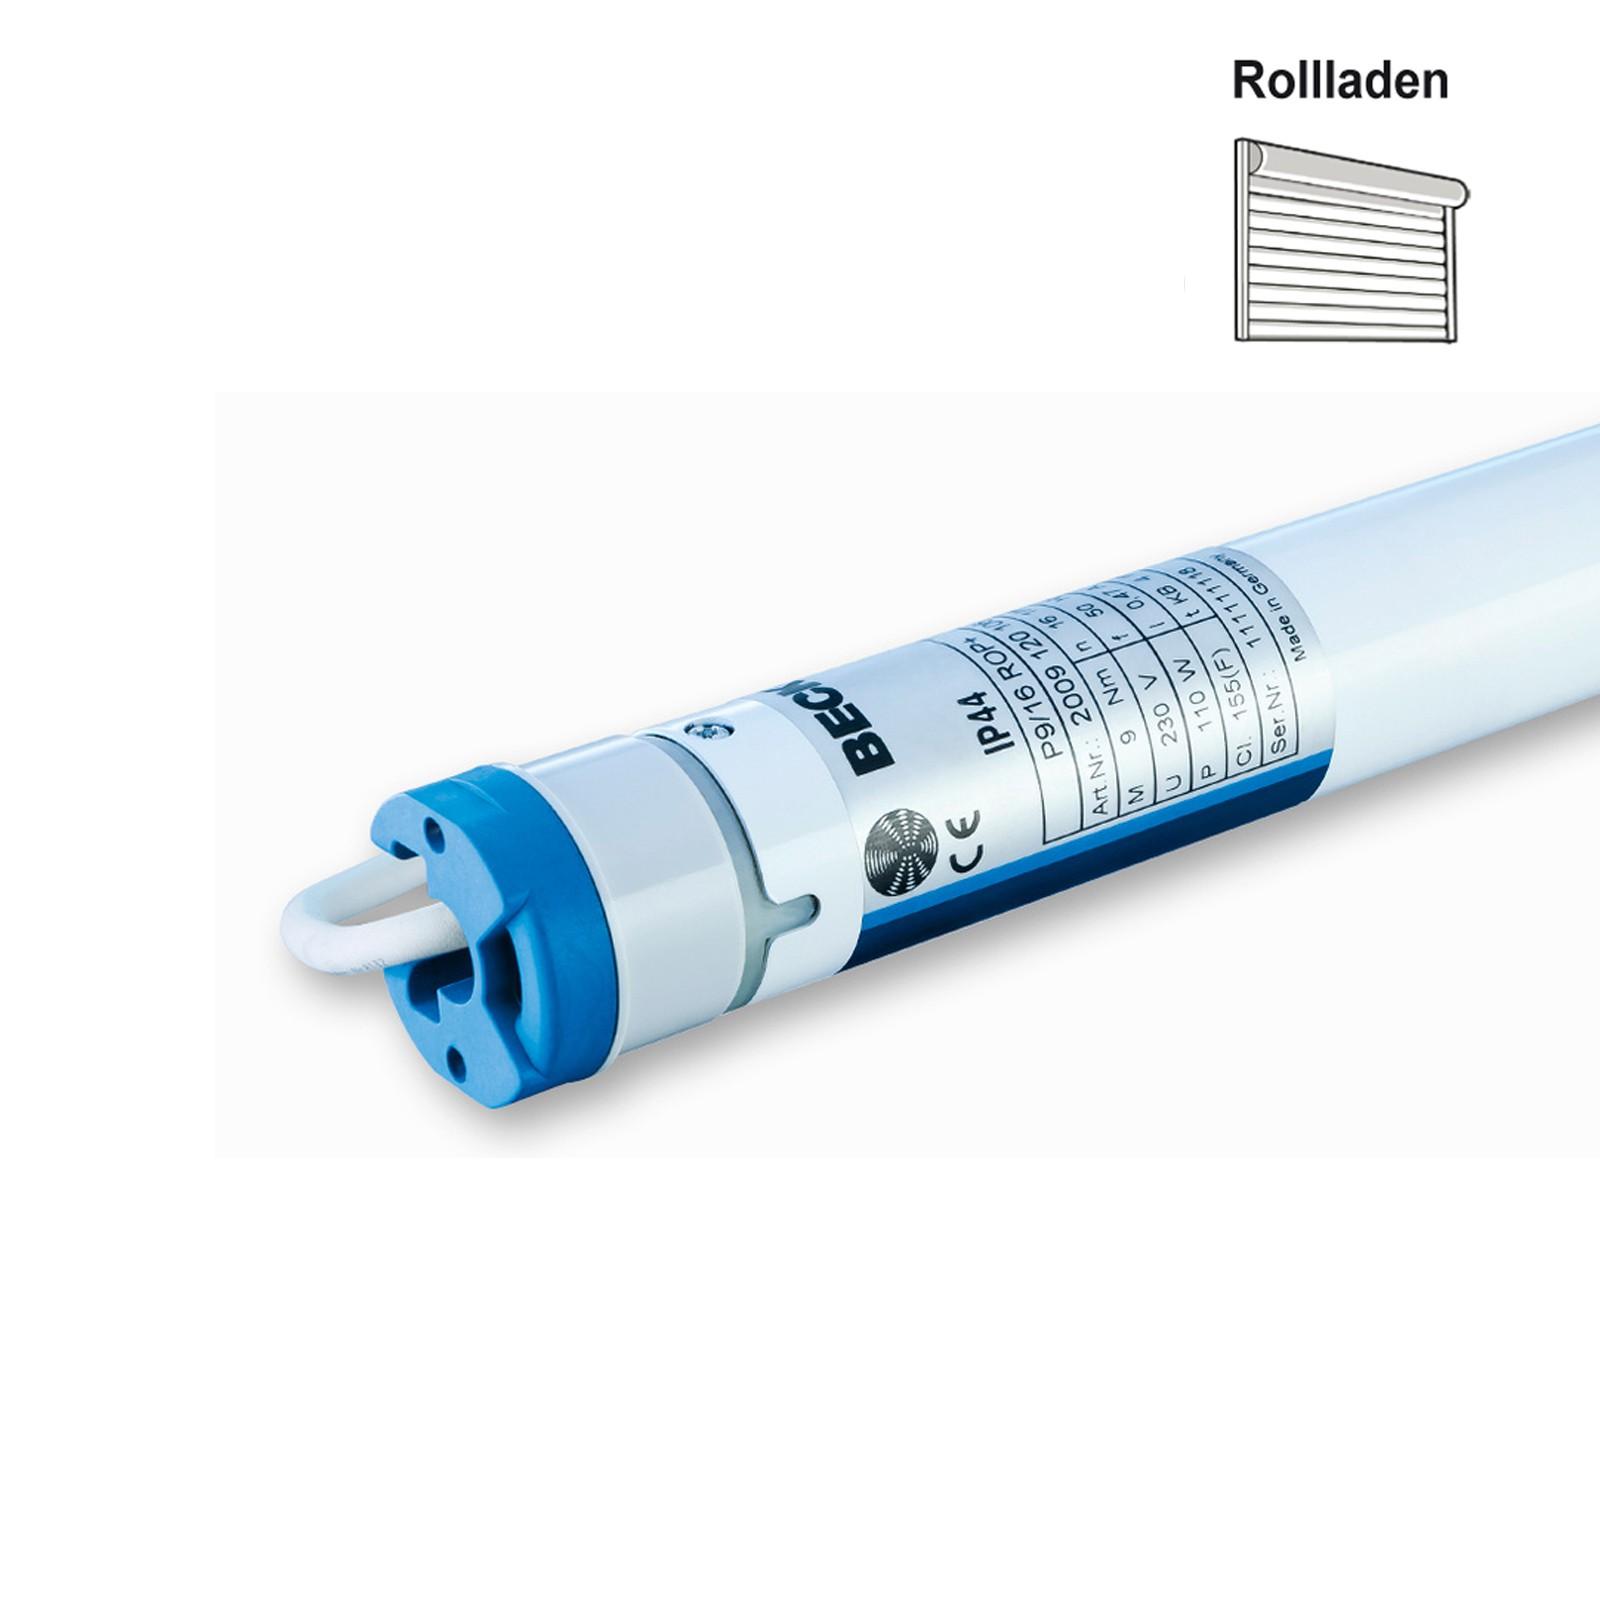 Rollladenmotor P-E03 Grafik